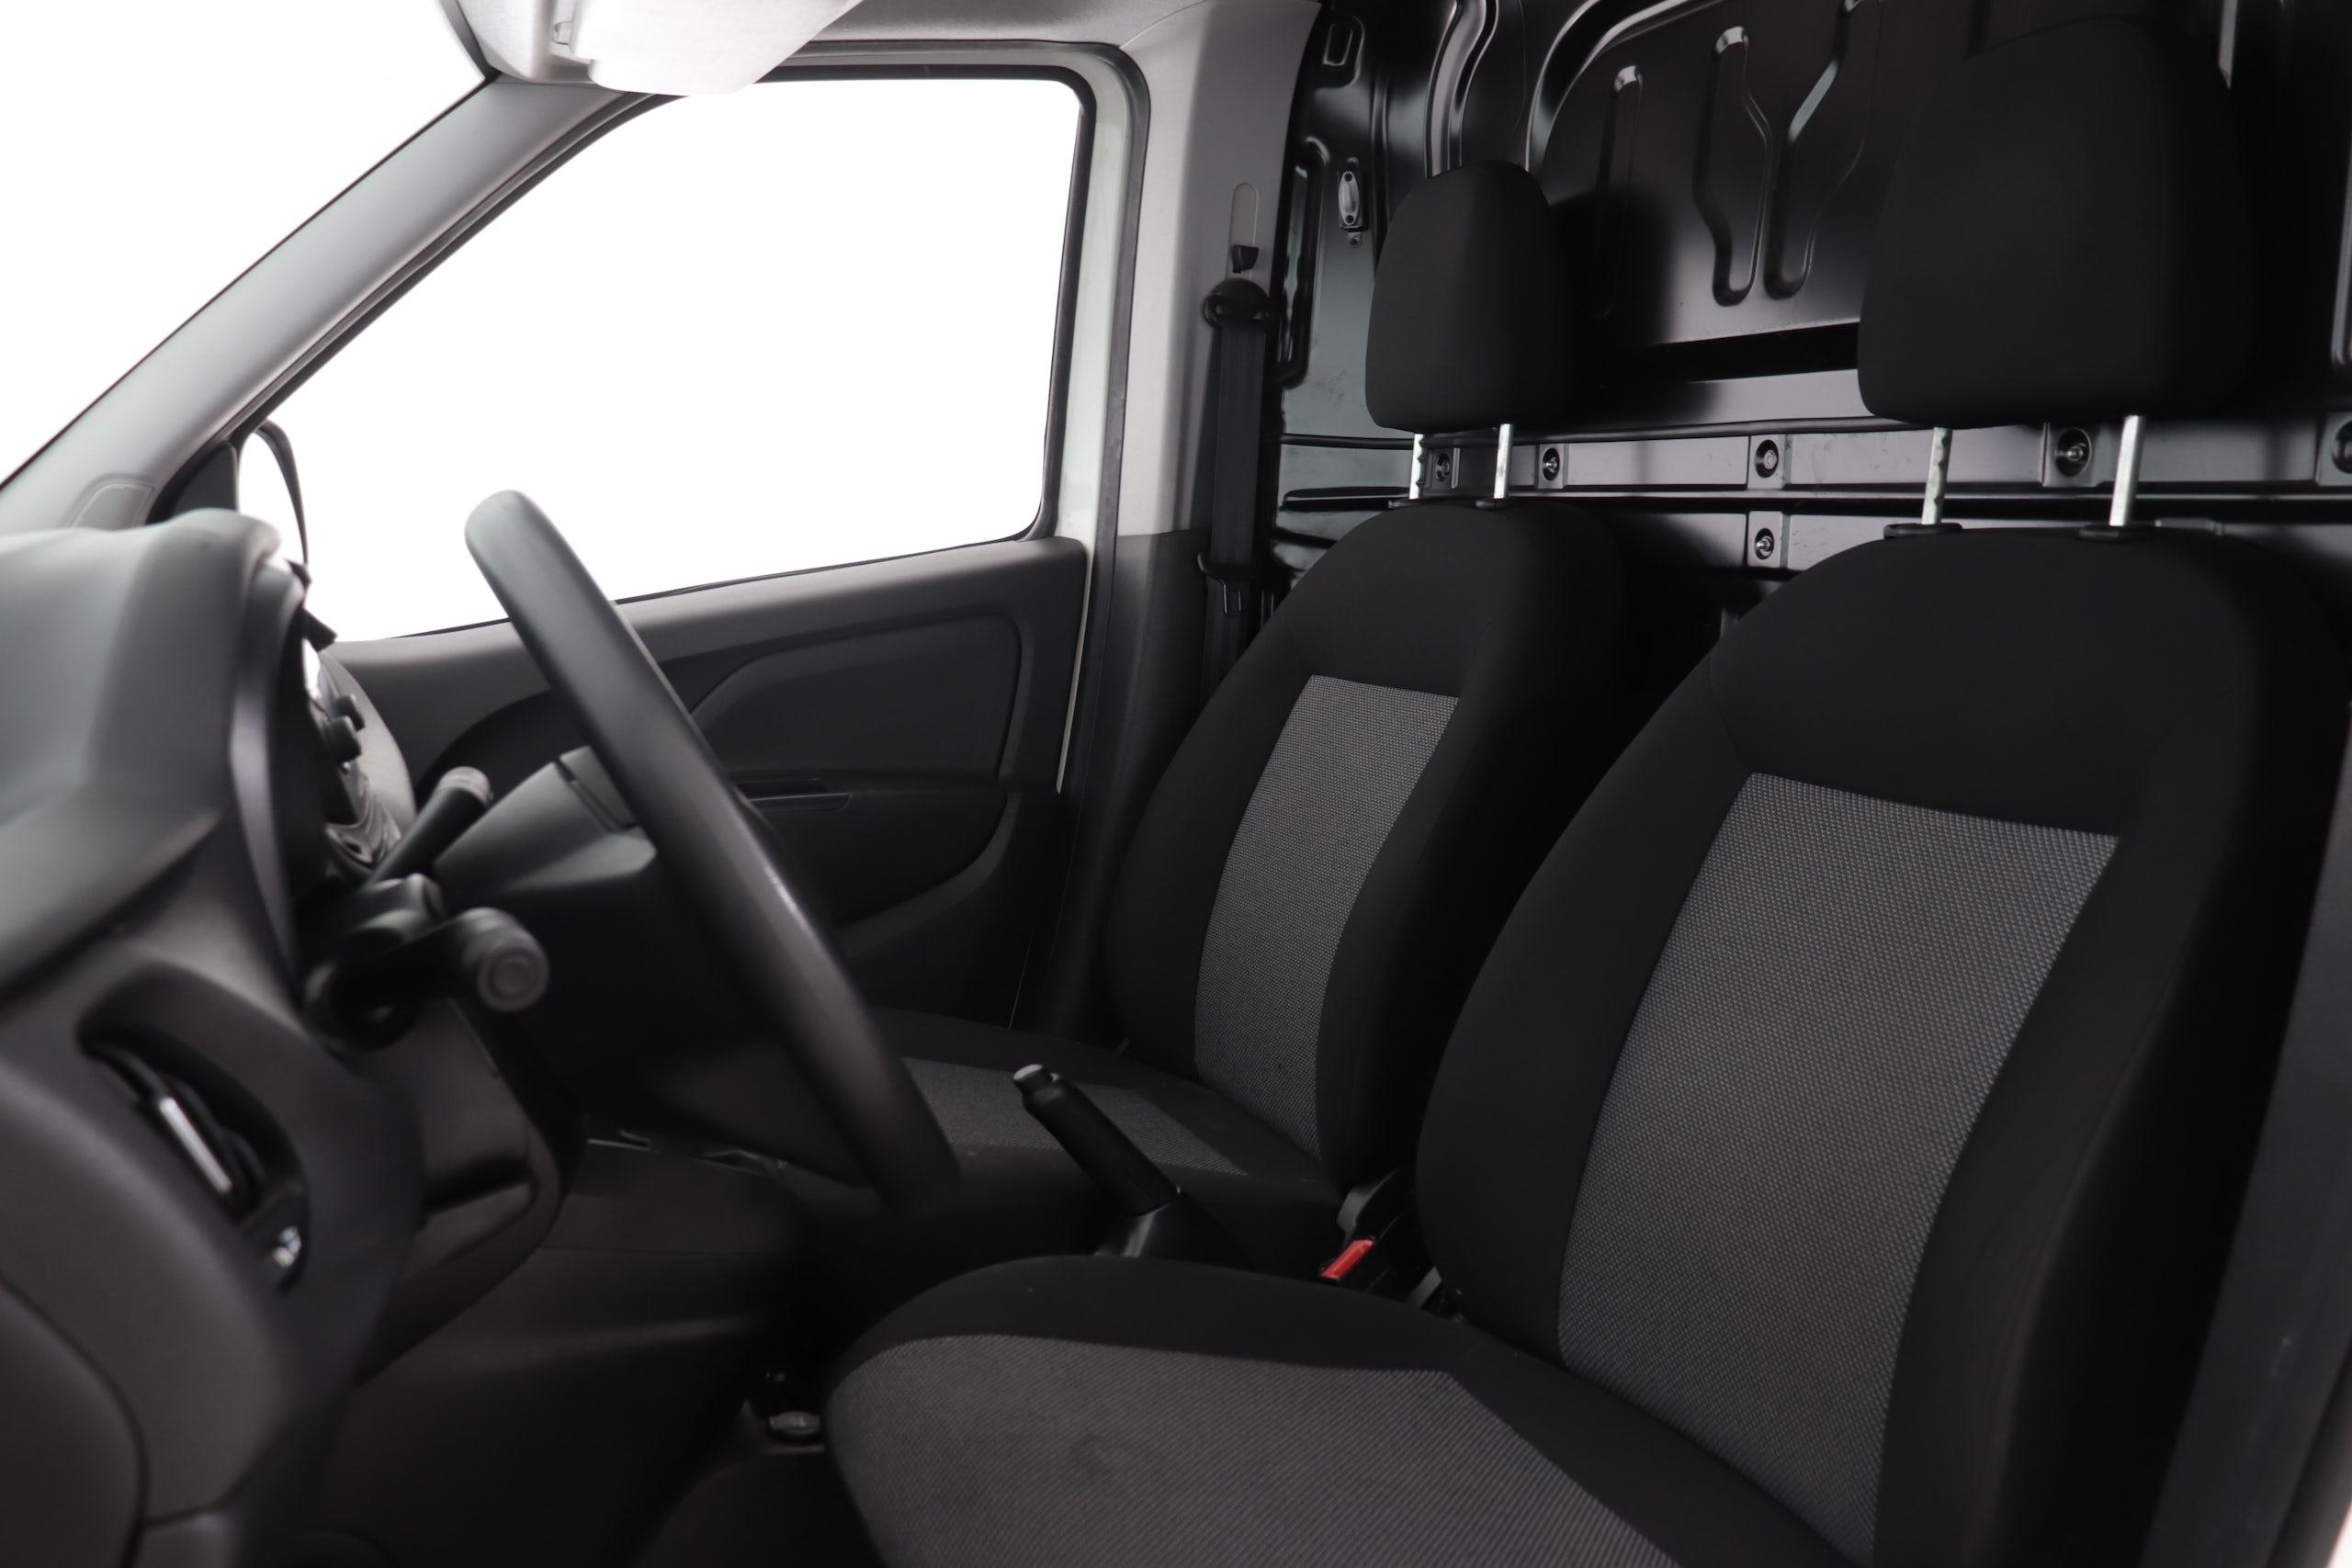 Fiat Doblo Cargo 1.4 T-JET Natural Power GNC 120cv Base 4p 2plz - Foto 20